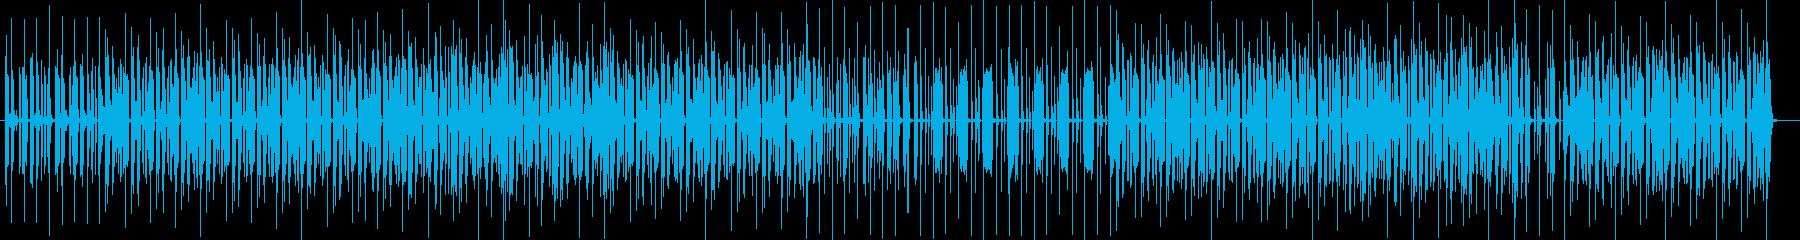 ボイパ風のリズムが不思議な気分のテクノの再生済みの波形